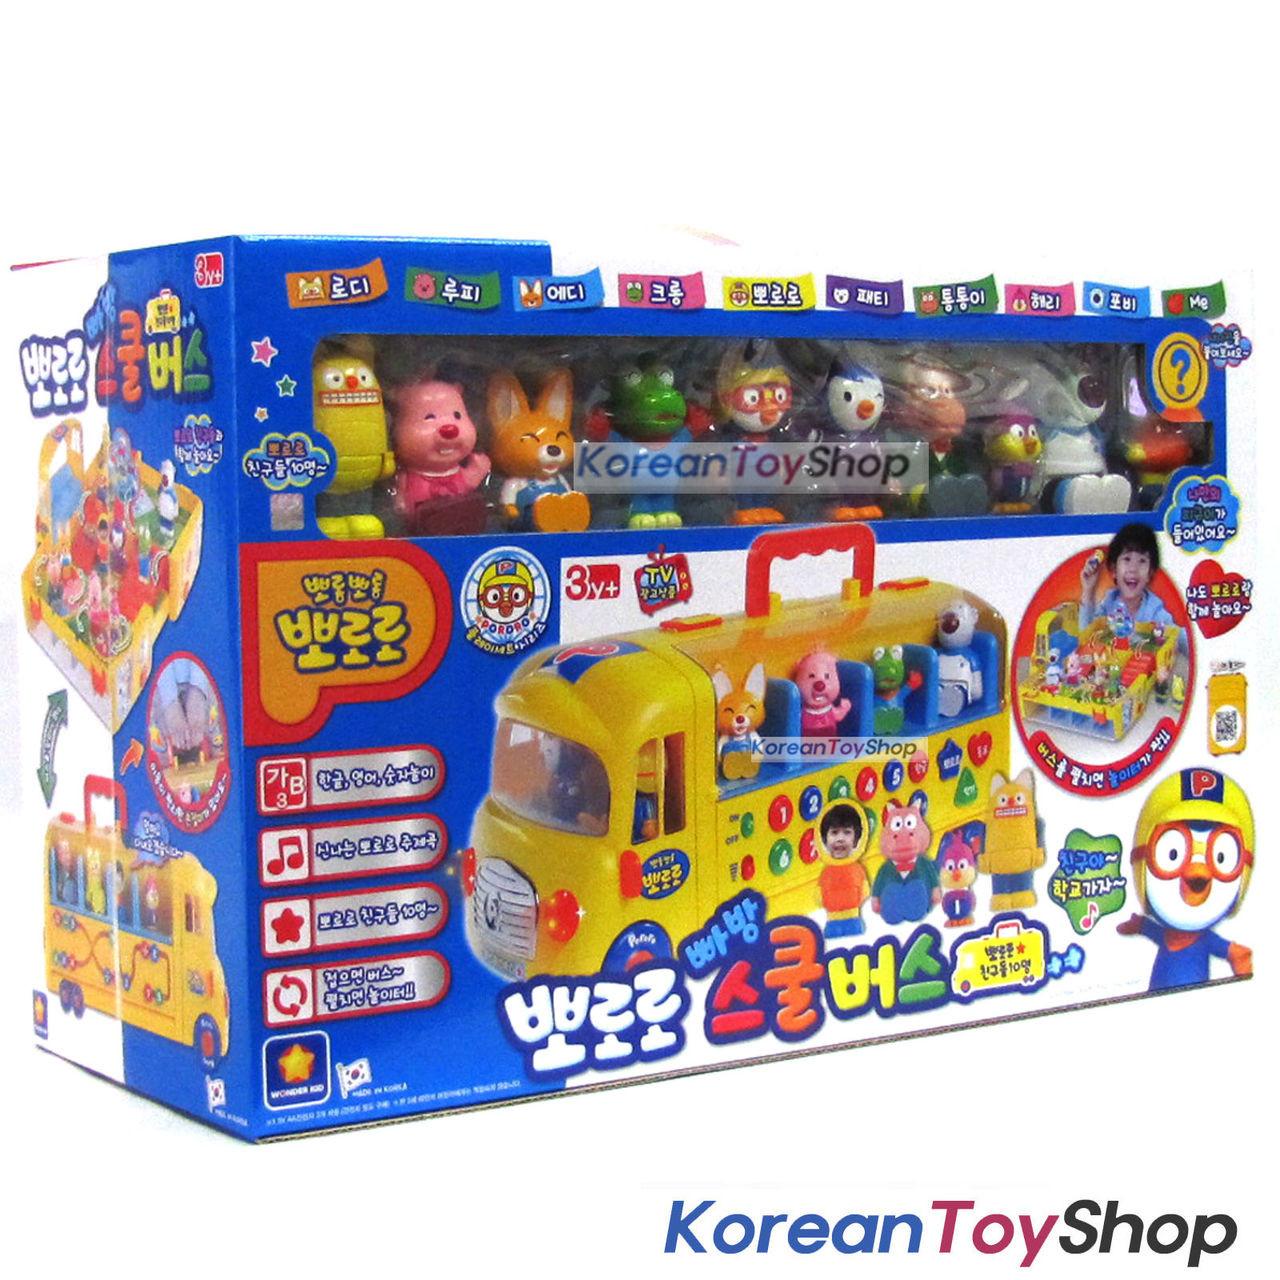 PORORO Melody School Bus /& 10 Pororo Friends Figures Playground Play Set Toy